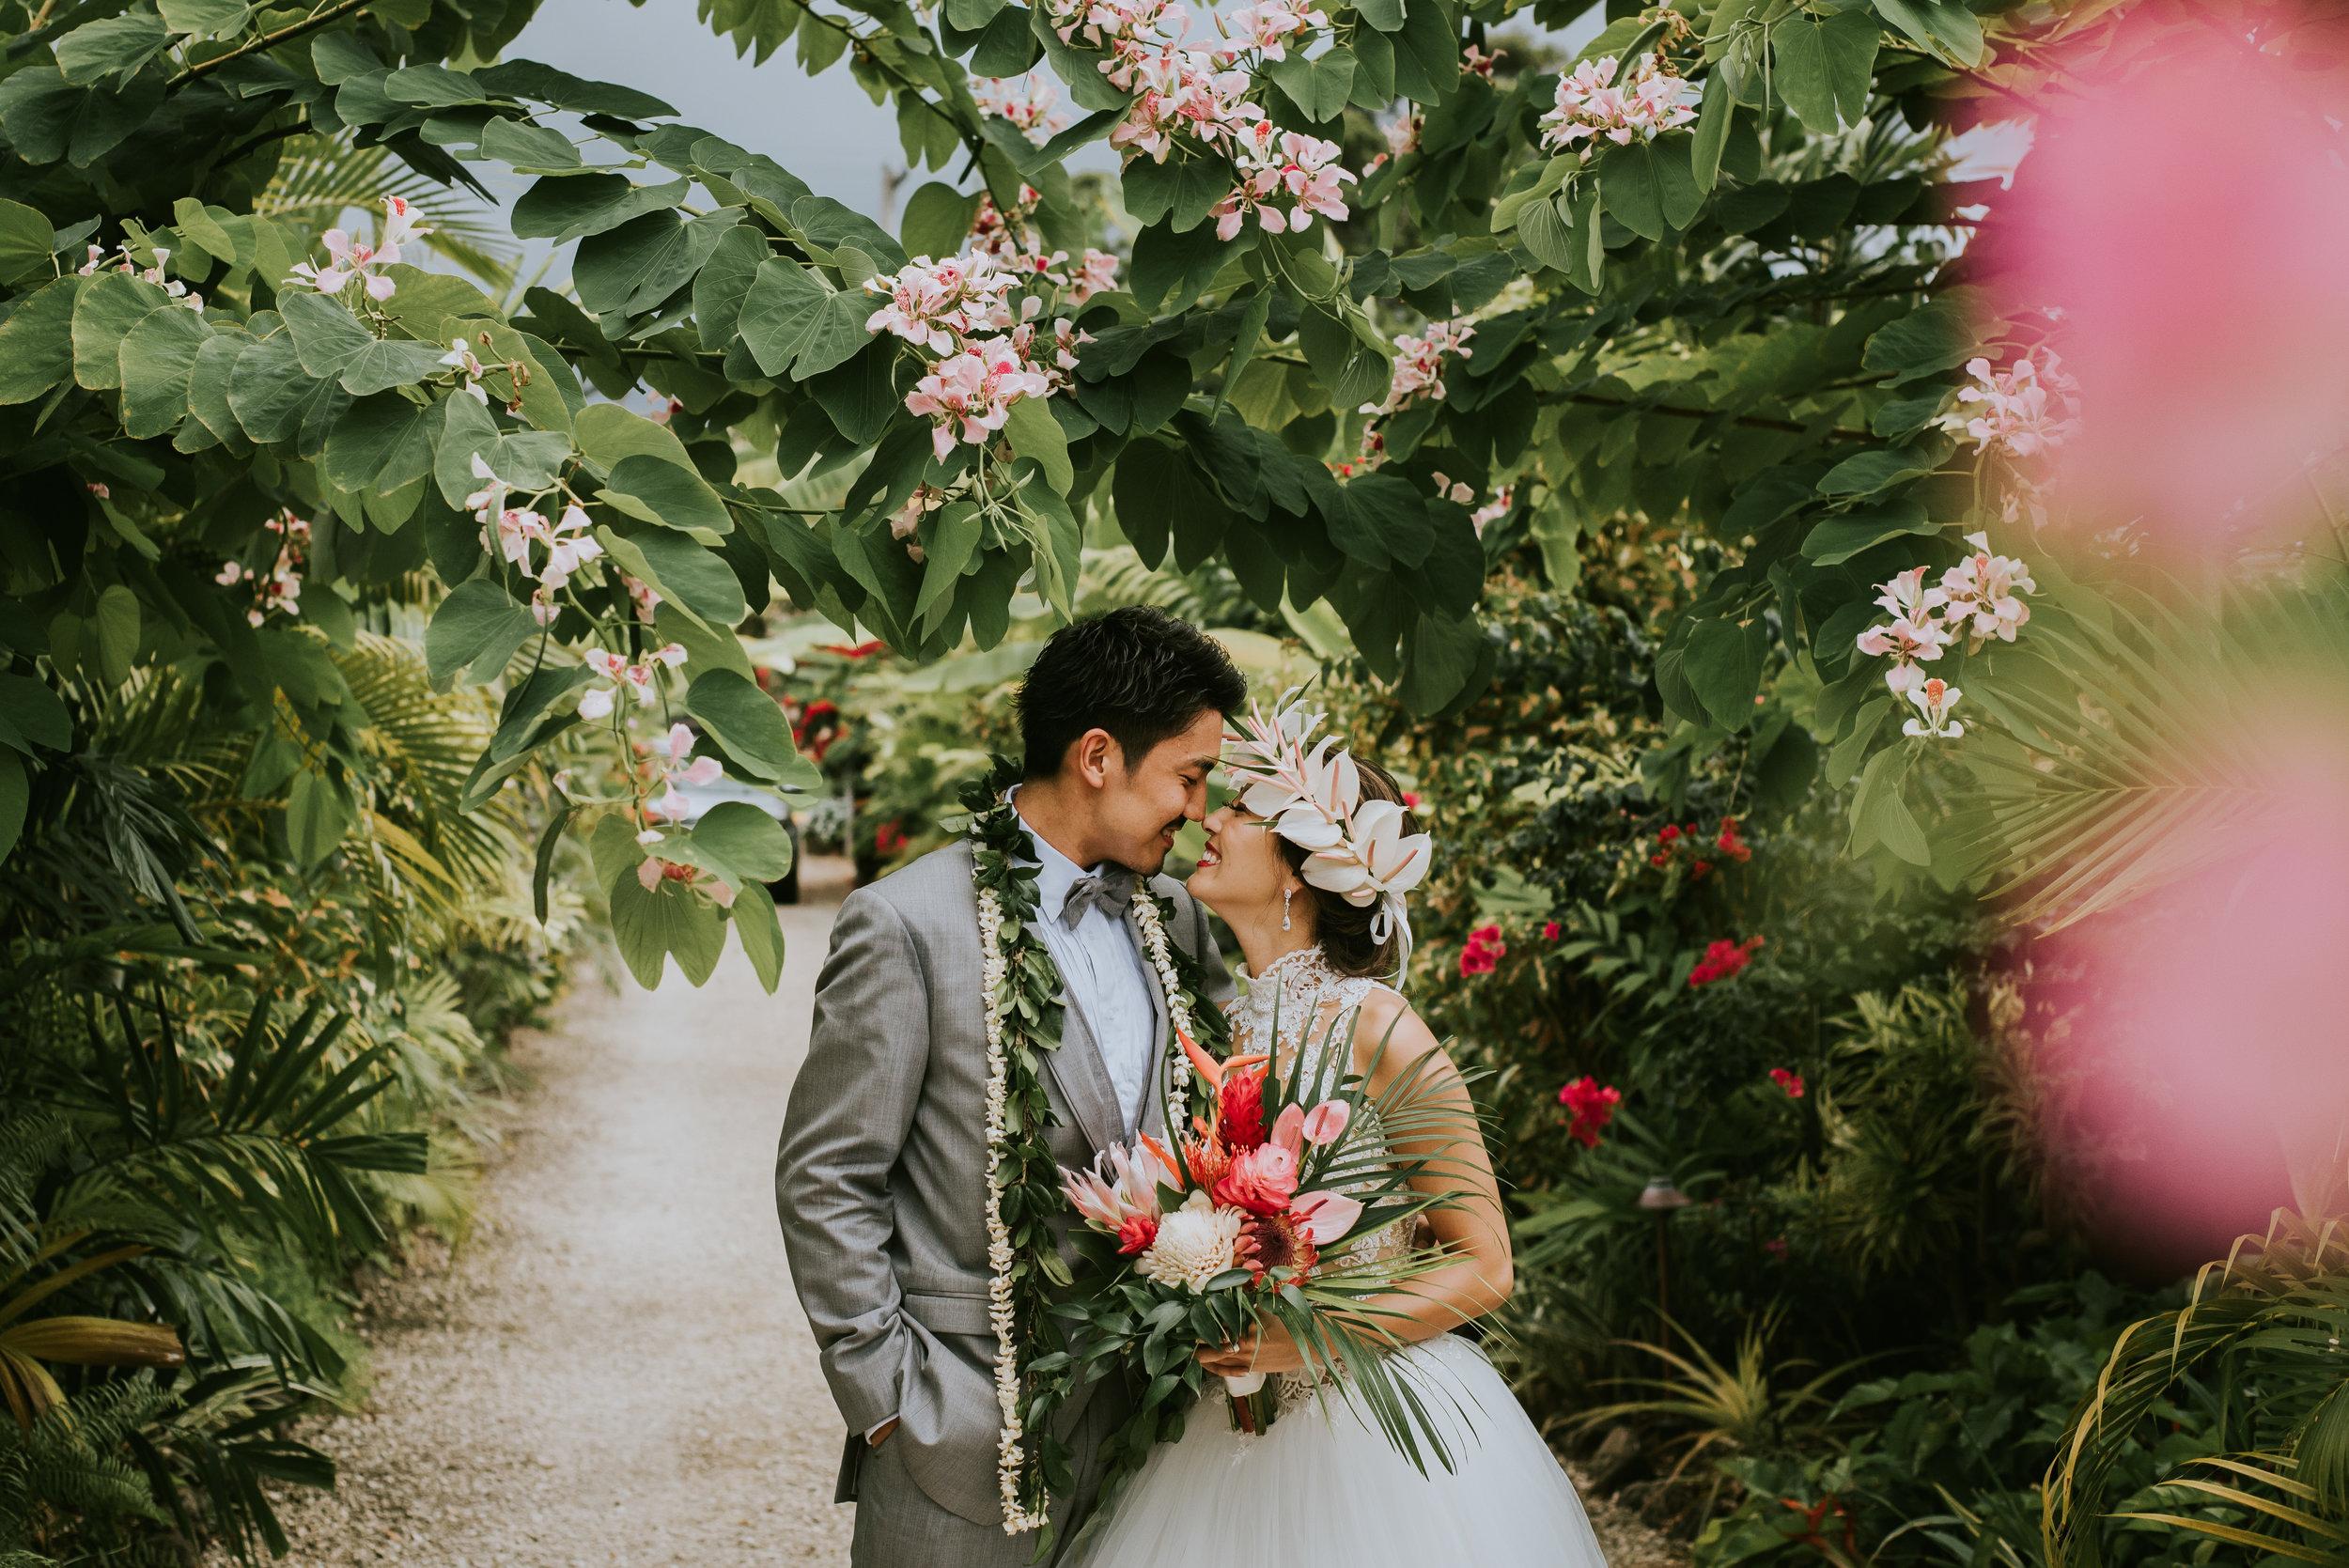 ***Kei'sWedding-Bride&GroomDriveway4.jpg